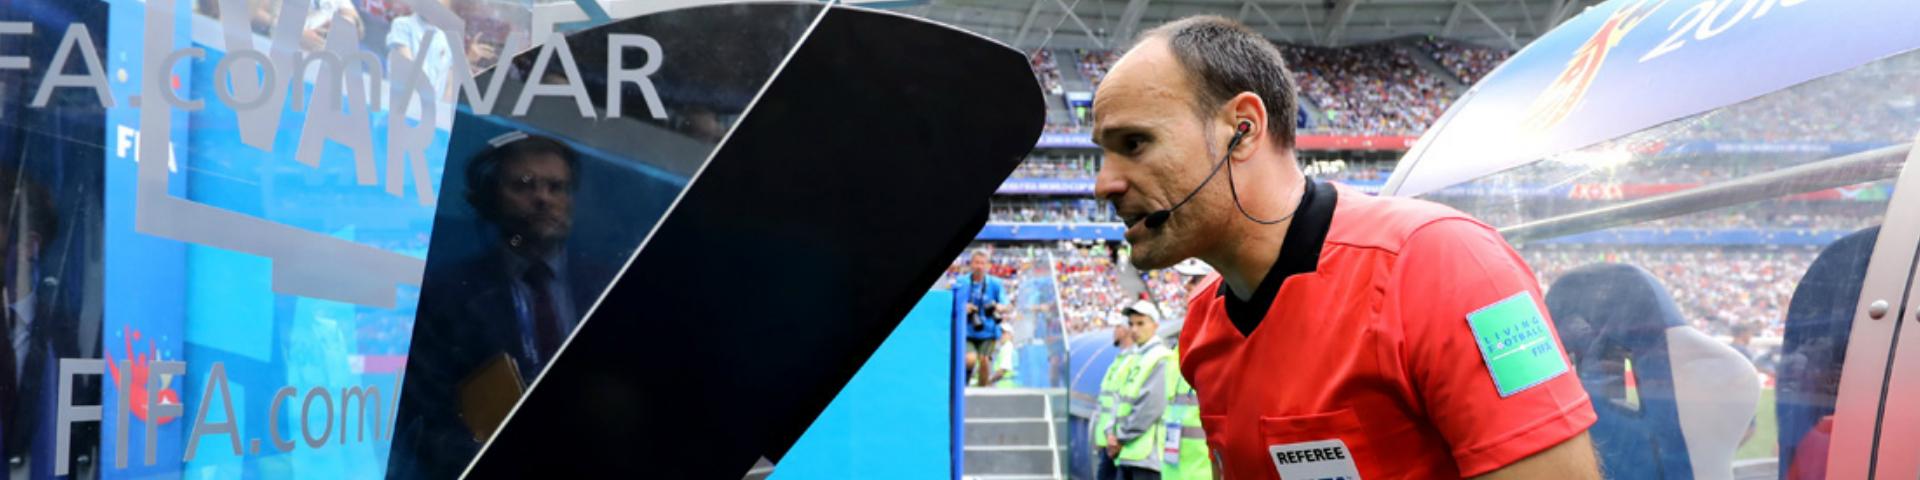 БК «Леон»: VAR в футболе радикально влияет на онлайн-беттинг